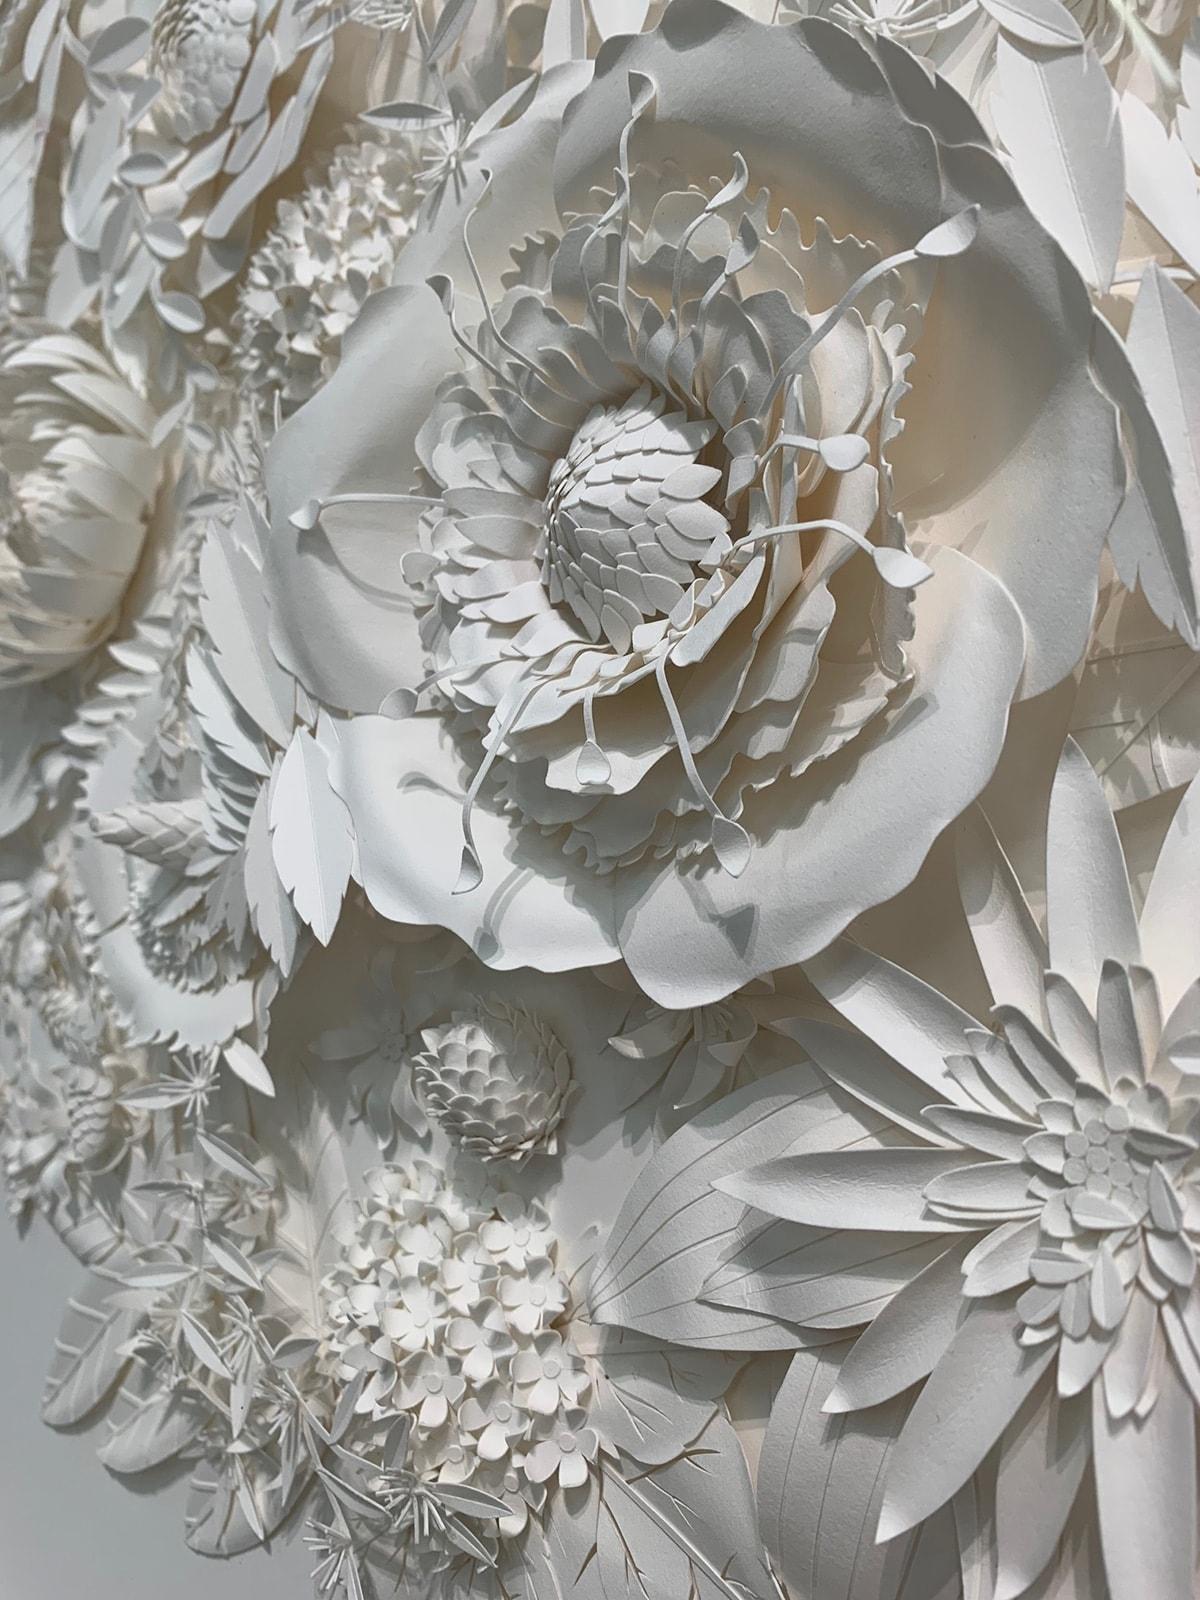 tara lee bennett lush paper paper flowers 10